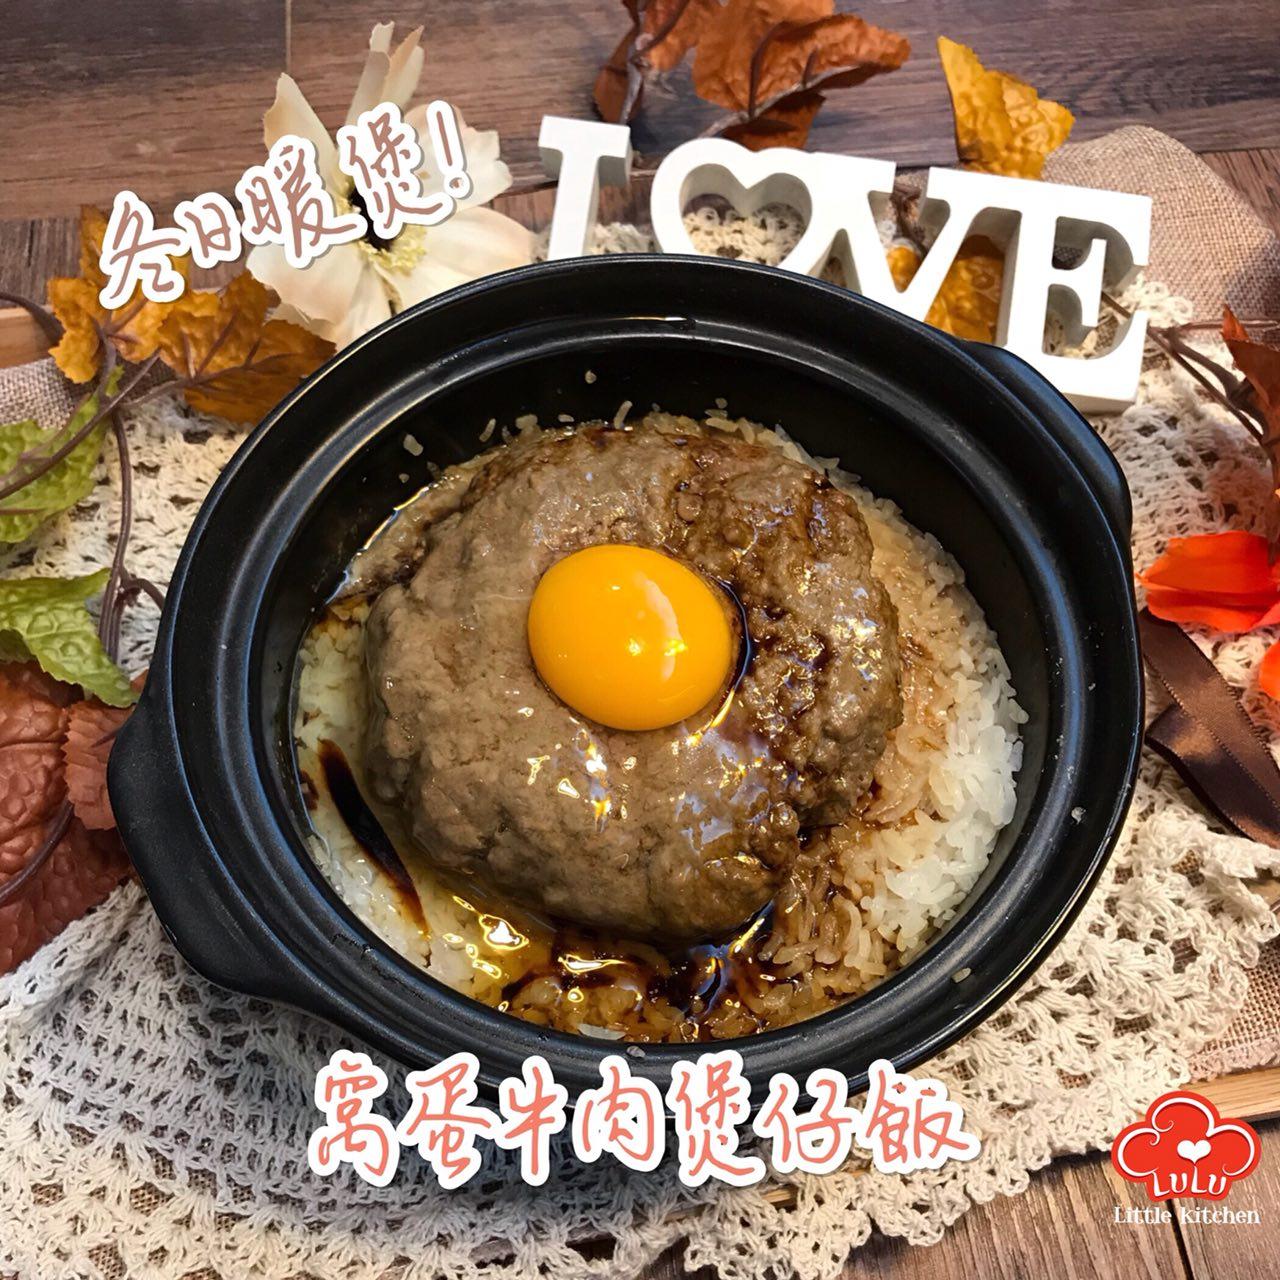 冬日暖煲:窩蛋牛肉煲仔飯